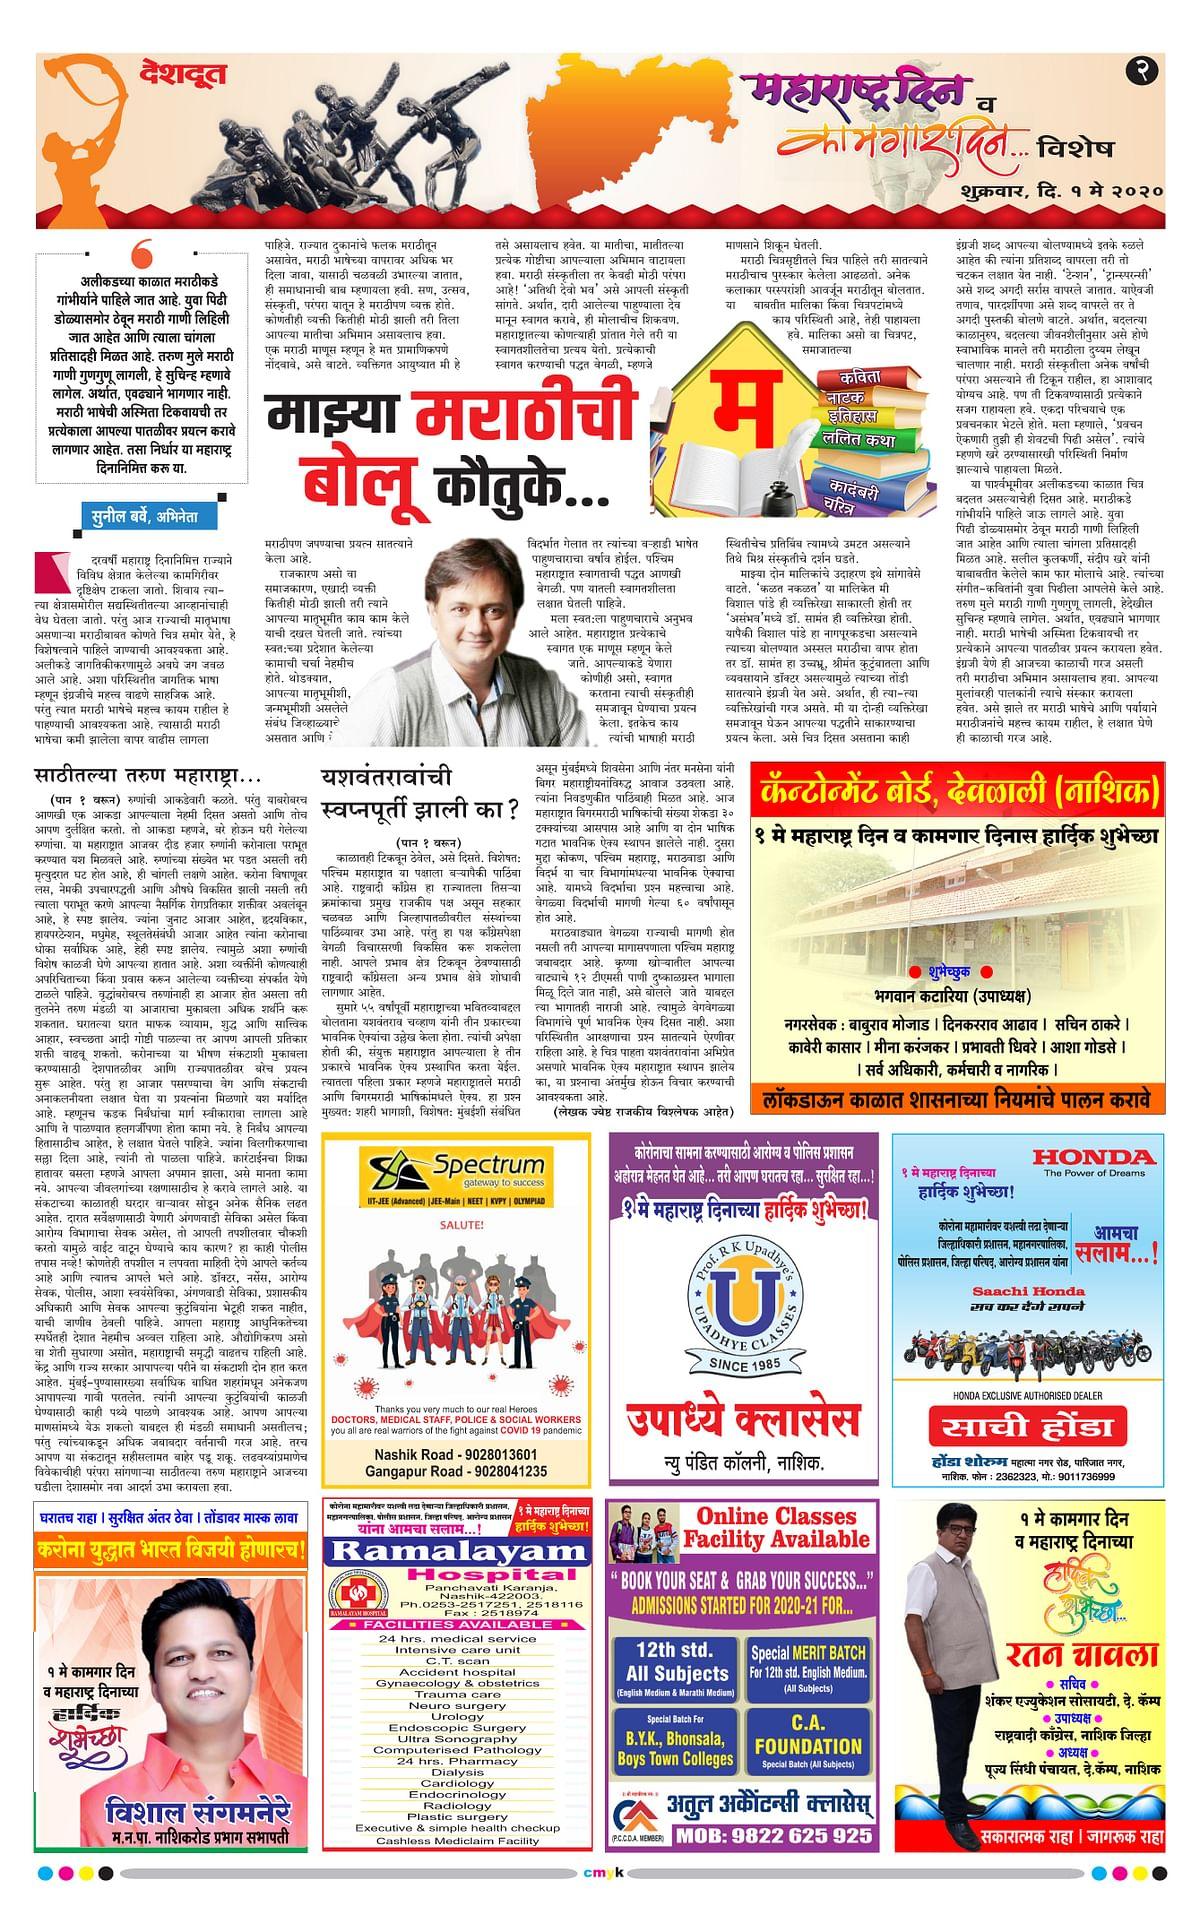 देशदूत डिजिटल महाराष्ट्र दिन विशेष पुरवणी